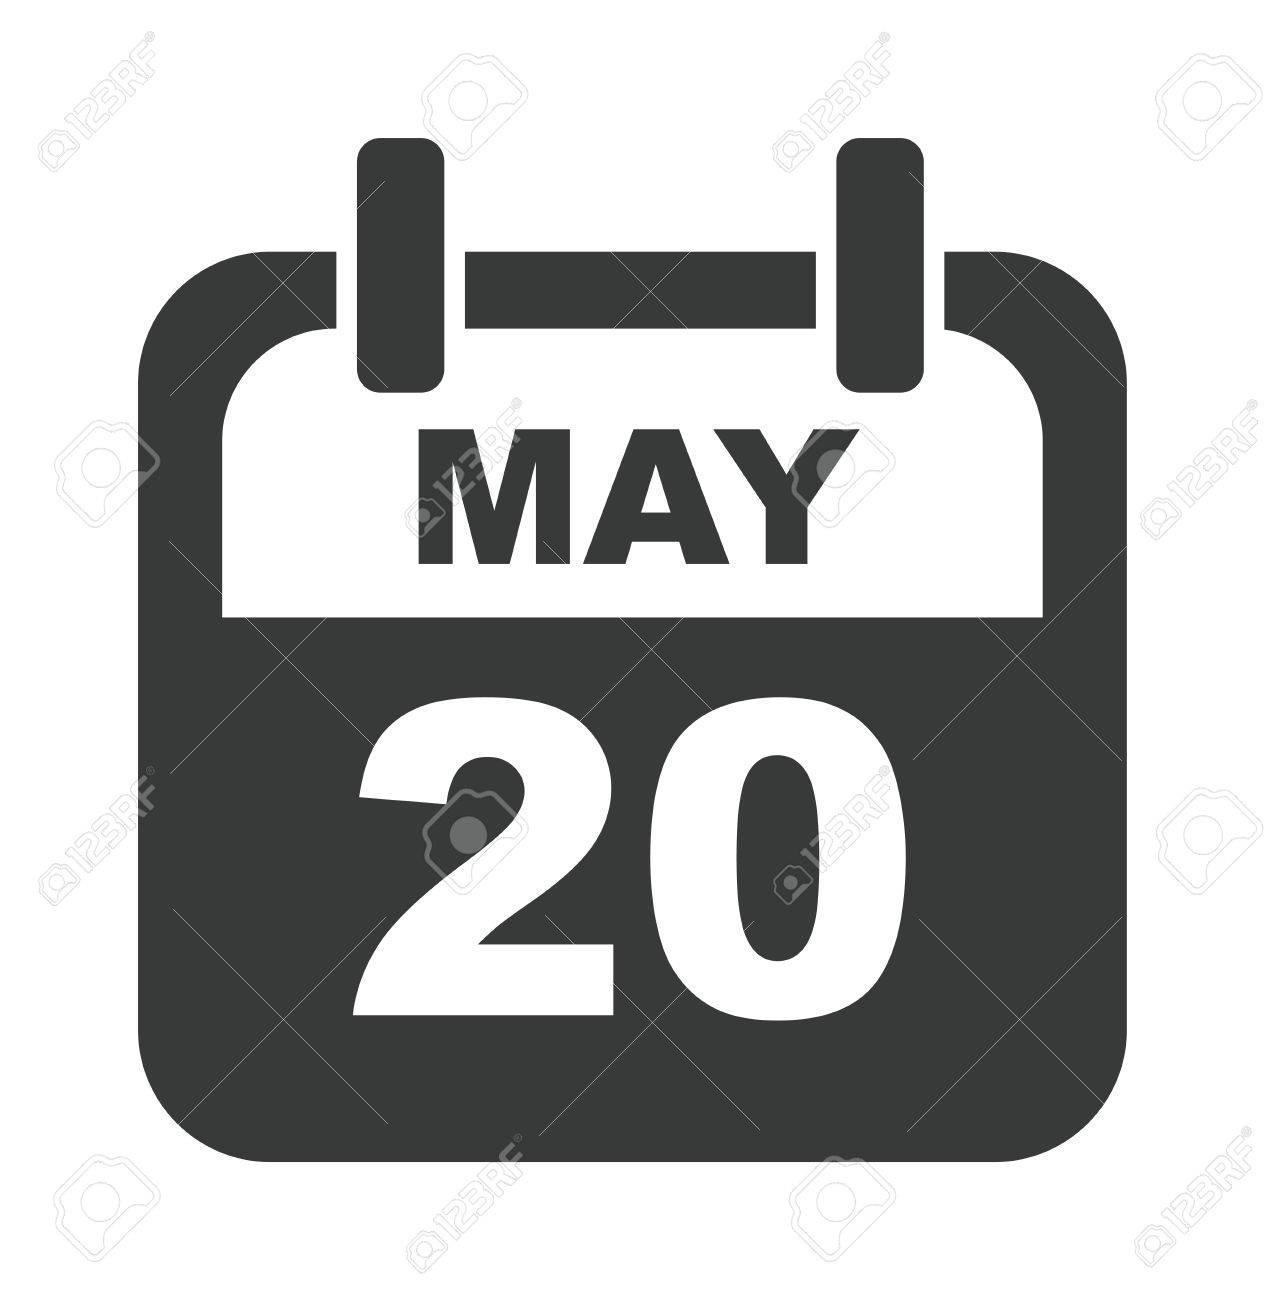 Calendario Vectores.Calendario Del Icono Del Vector Aislado Icono De Calendario Recordatorio Simbolo Grafico Mensaje De Elemento Calendario Mensaje Icono De Plantilla